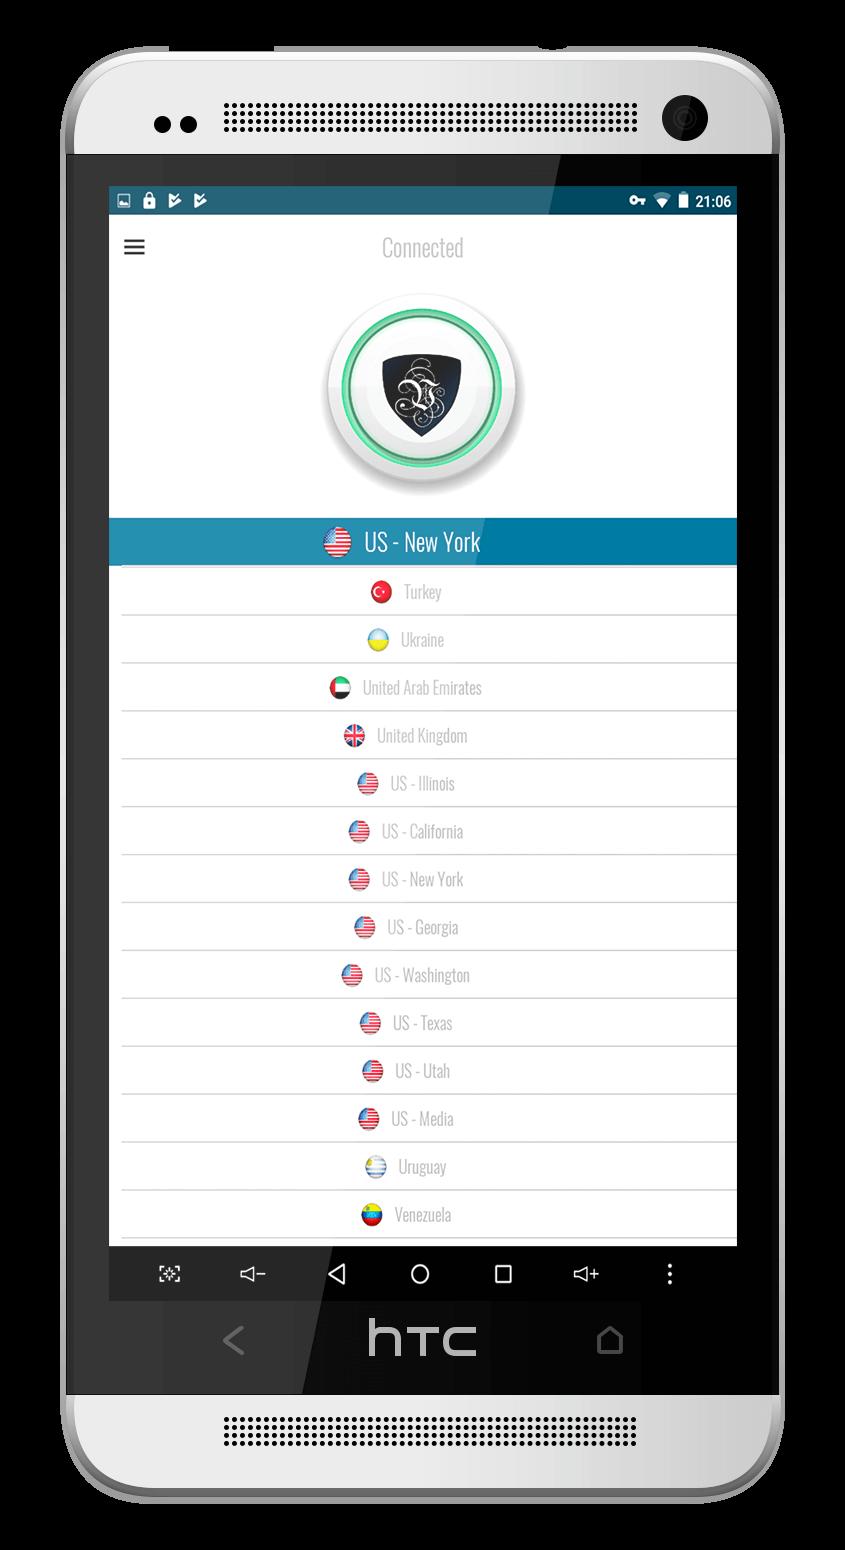 Android VPN | VPN Android | mobile VPN | VPN mobile | VPN gratuit Android | free mobile VPN | VPN portable | VPN Android gratuit | Qu'est-ce qu'un VPN Android et comment marche l'appli Android VPN ? | Le VPN pour Android | Application VPN pour Android | Appli VPN pour Android | android vpn | vpn android | Le VPN